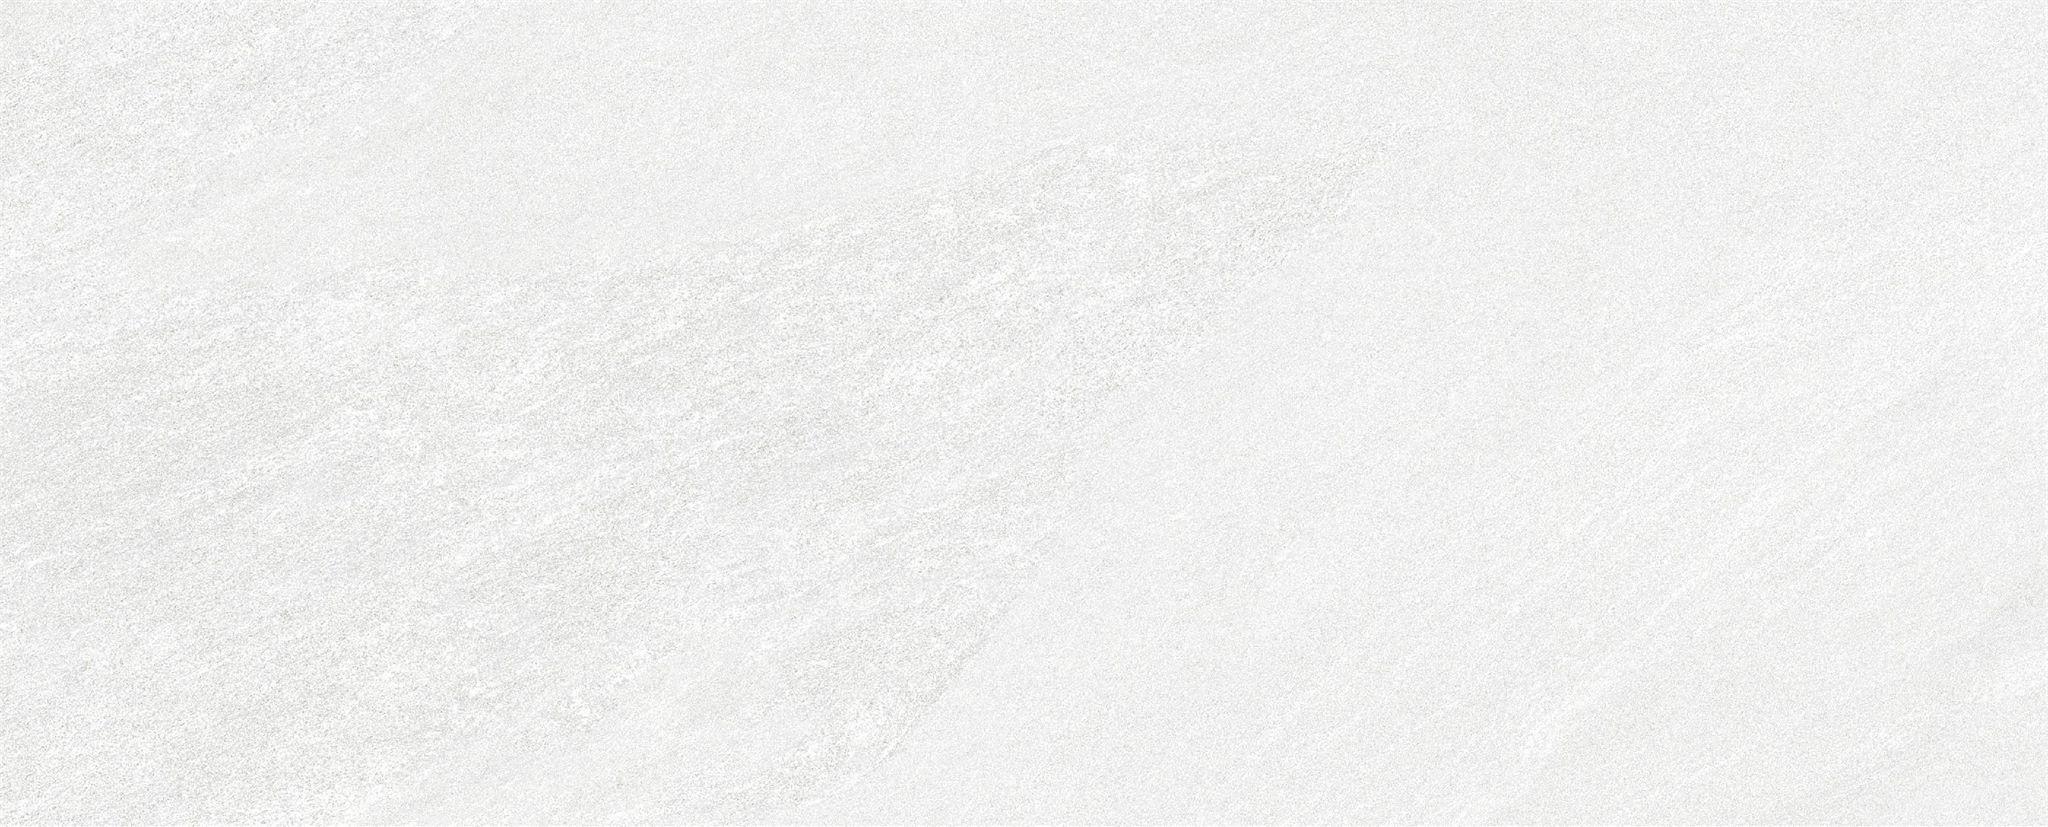 Настенная плитка Mayolica Avalon Blanco 28х70 настенная плитка vives gran mugat blanco 20x50